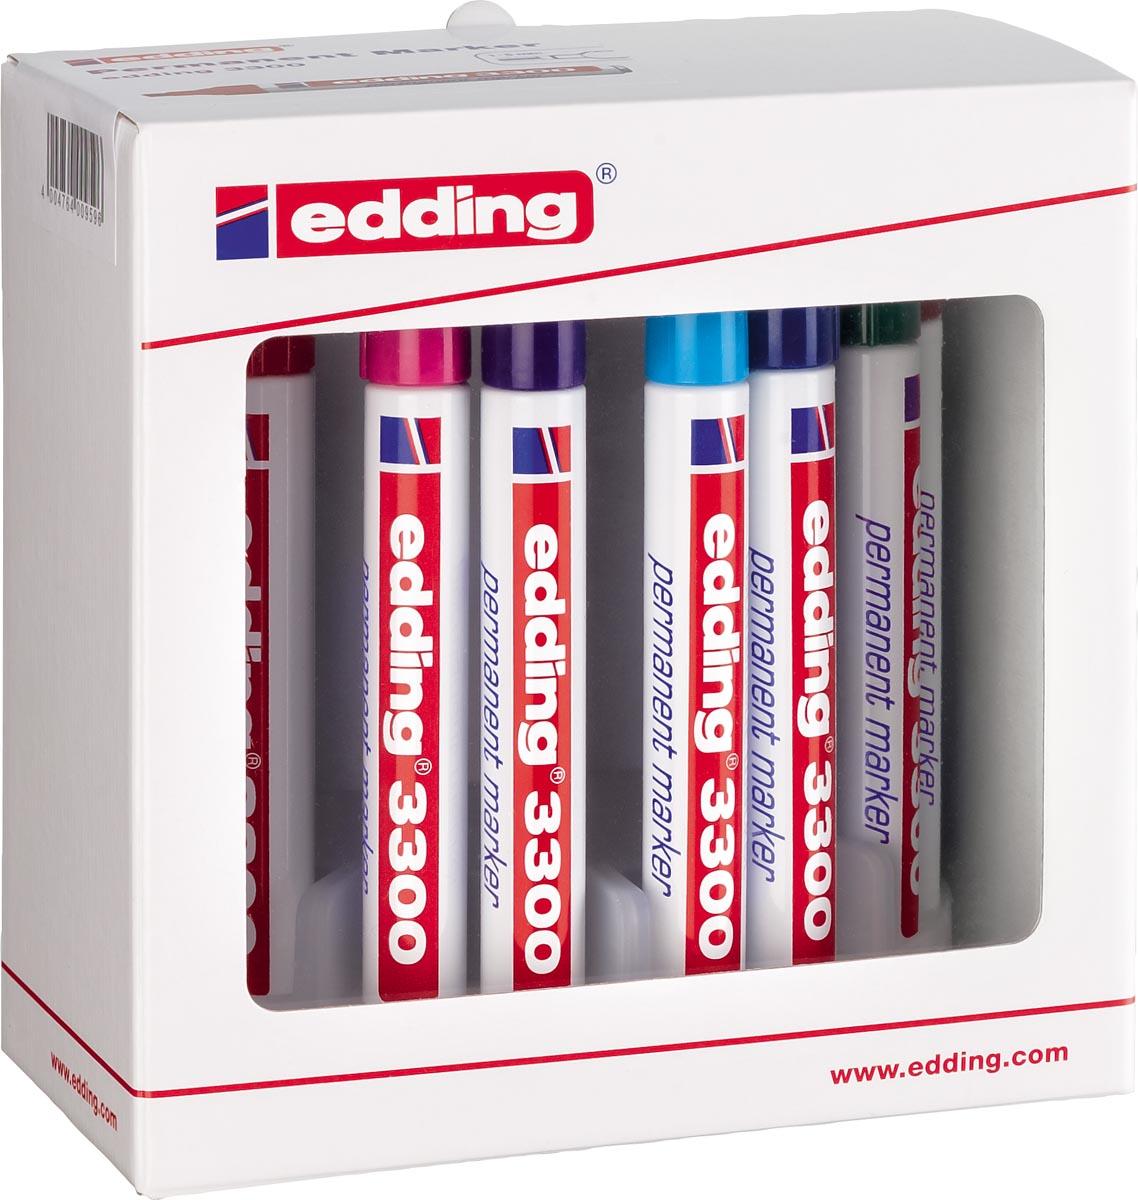 Edding permanent marker e-3300 doos van 10 stuks in geassorteerde kleuren